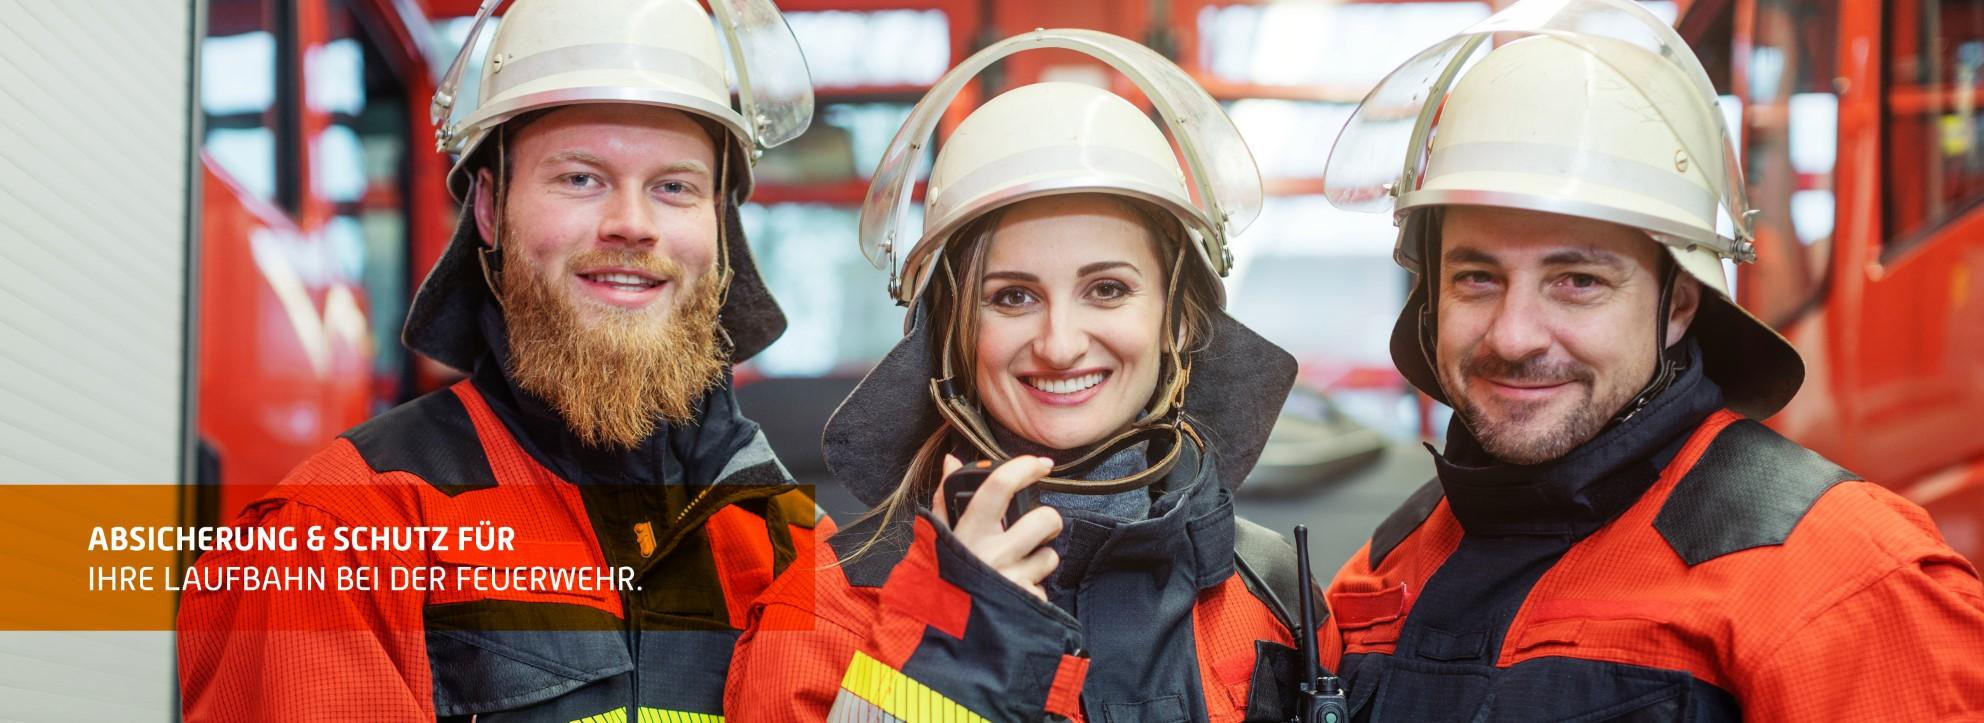 Header_Feuerwehr_Wechsler